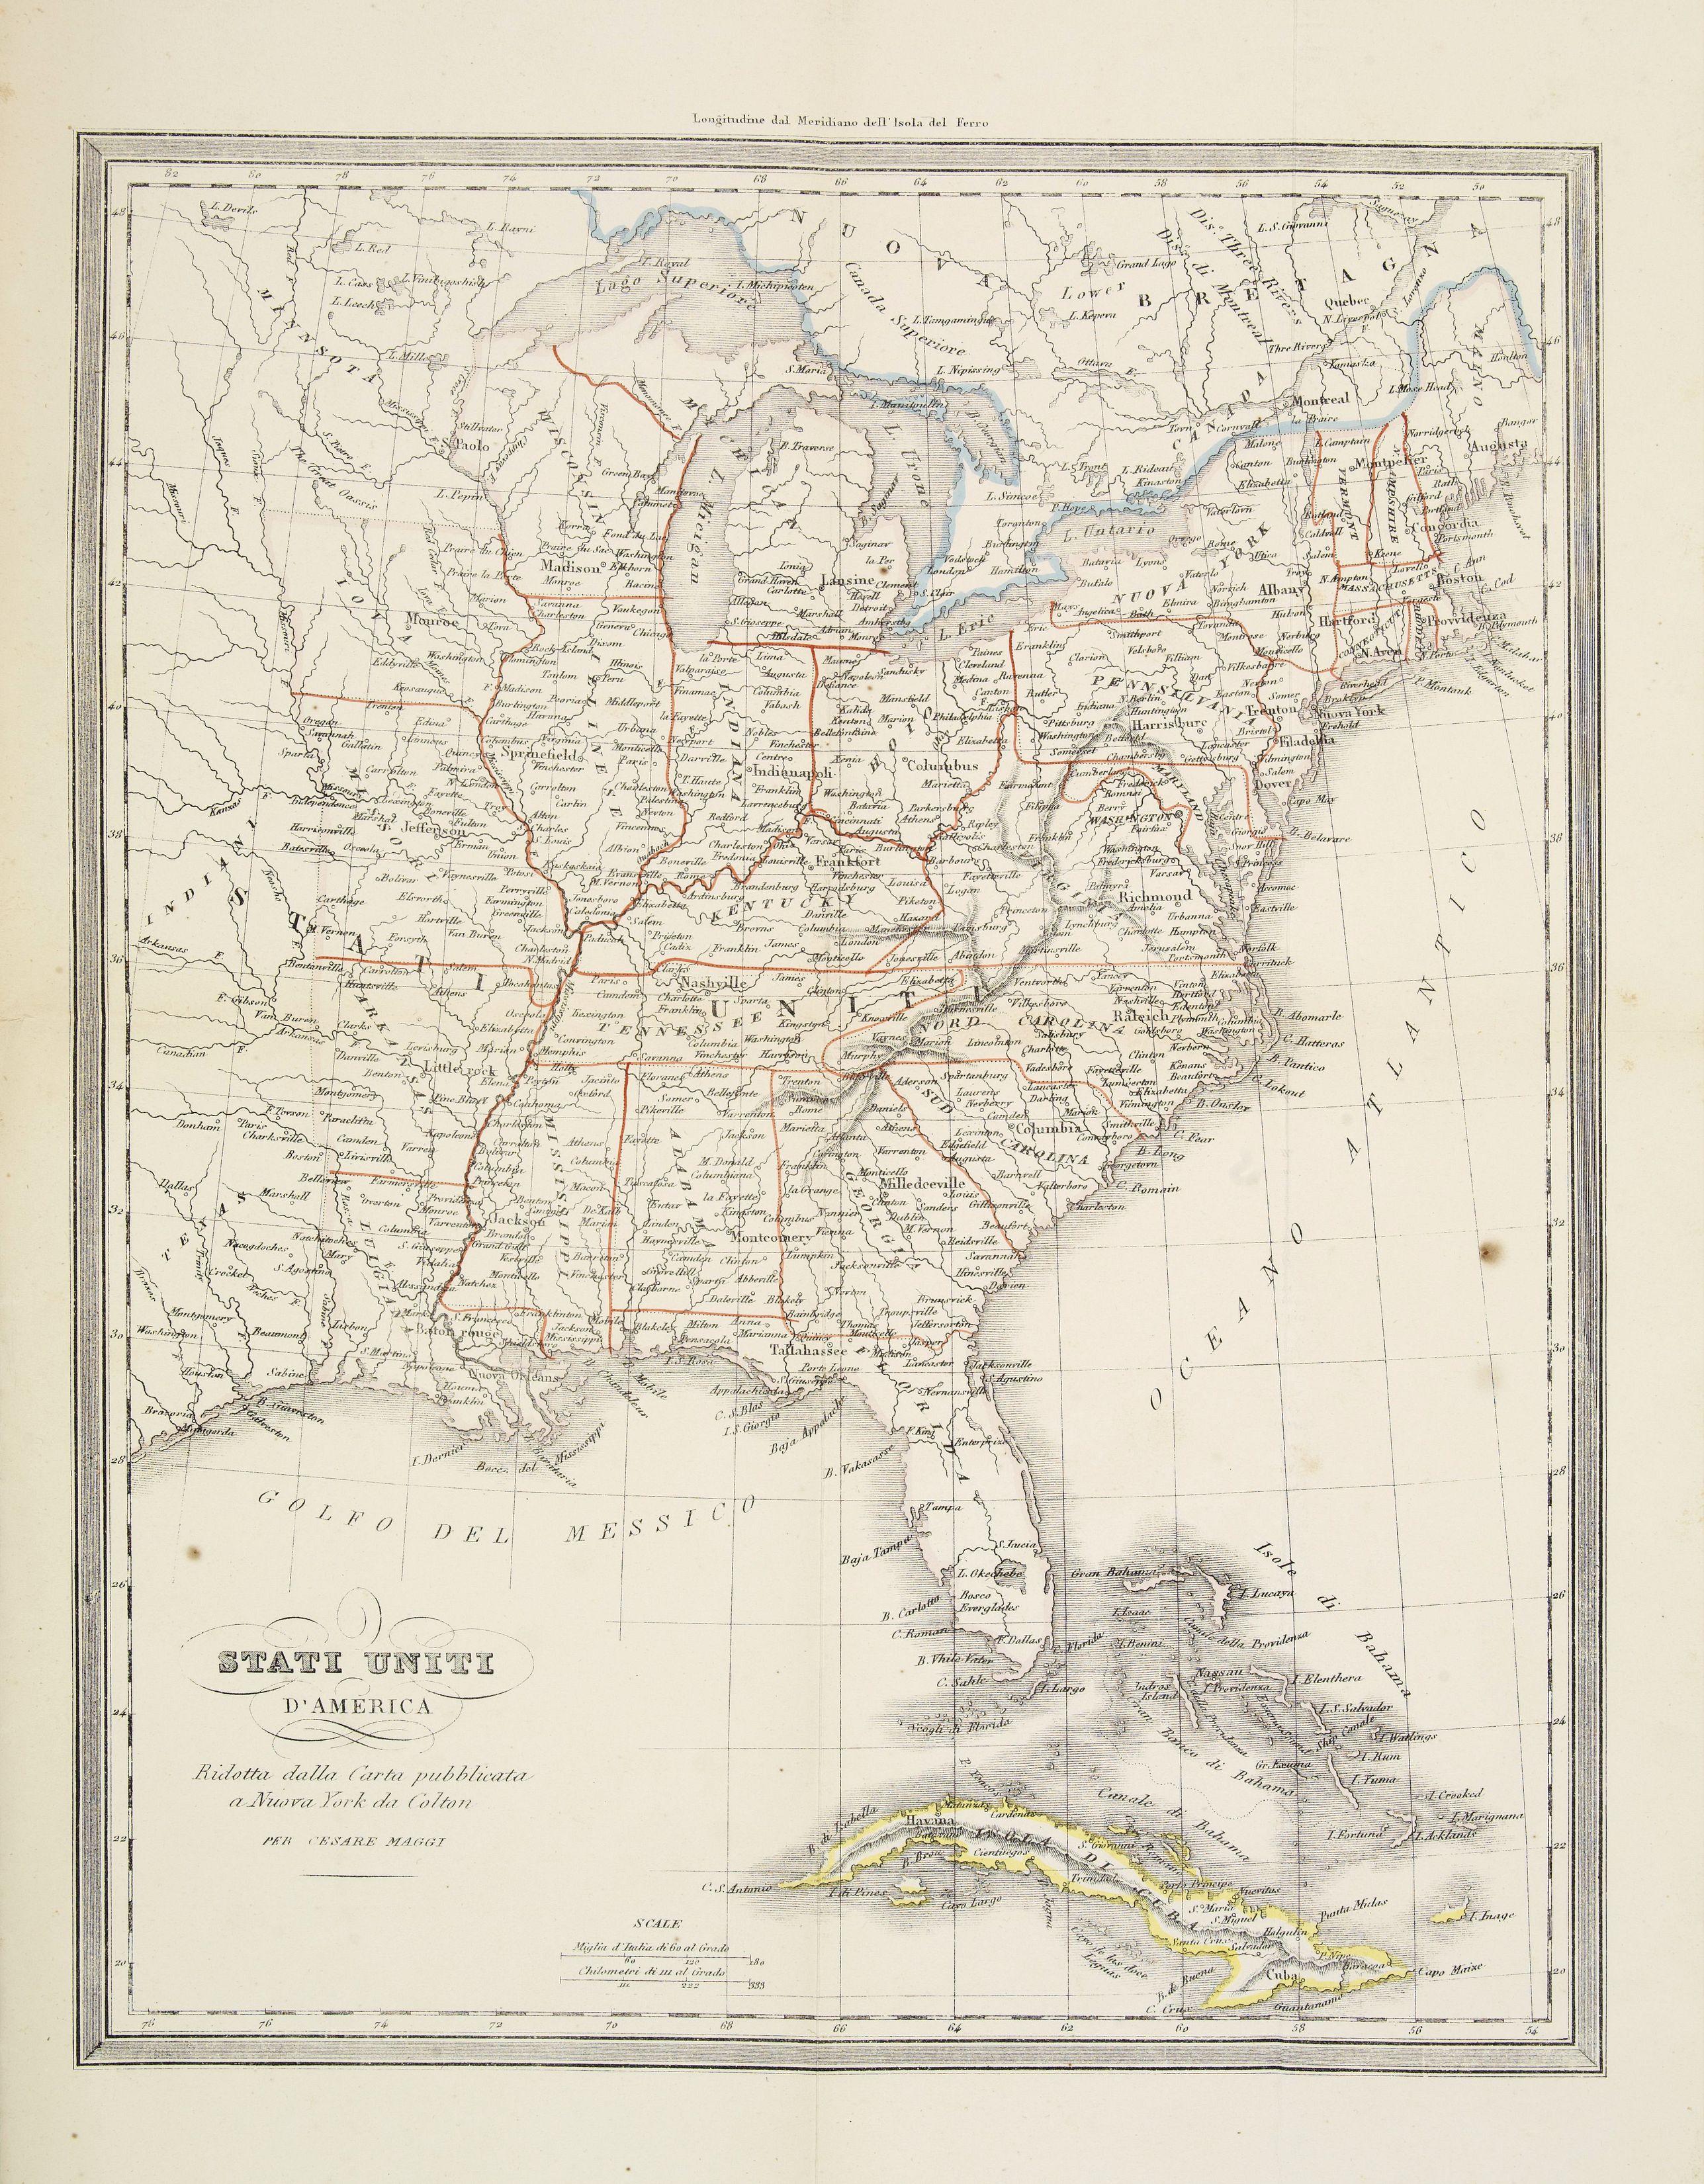 DOYEN, Fr. -  Stati Uniti d'America. Ridotta dalla Carta pubblicata a Nuova York du Colton.